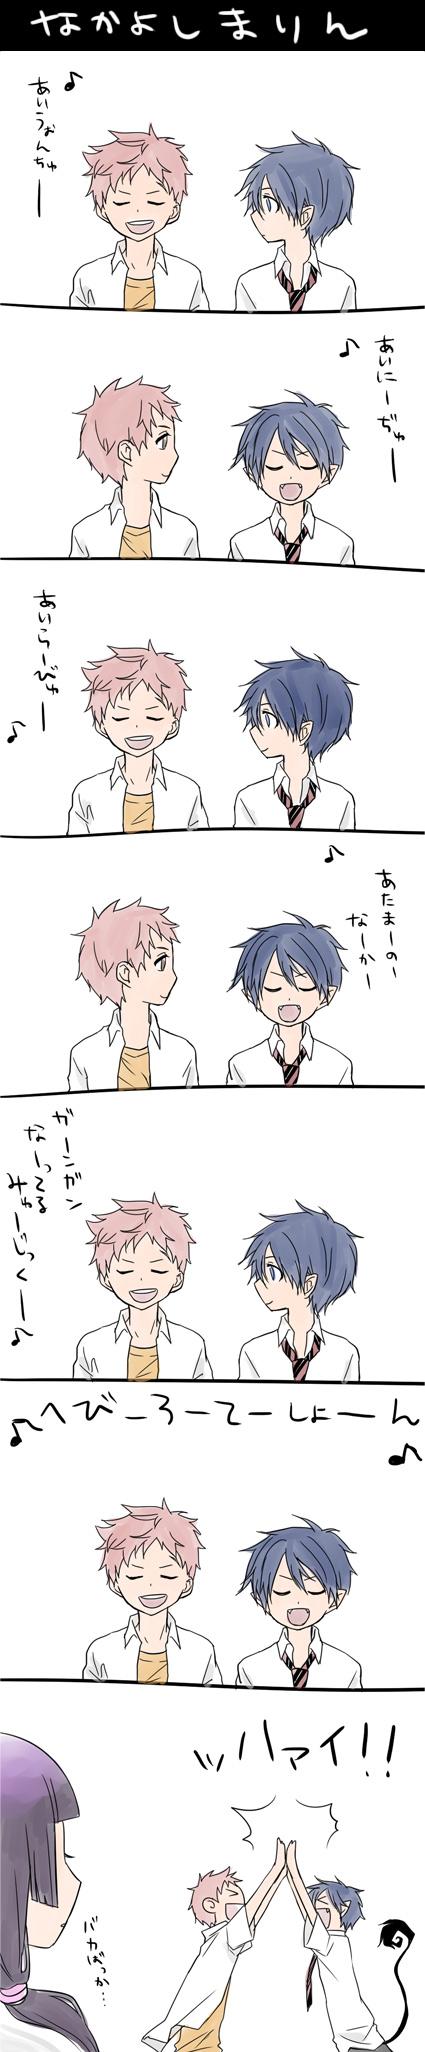 Tags: Anime, Ao no Exorcist, Kamiki Izumo, Okumura Rin, Shima Renzou, Translation Request, Blue Exorcist